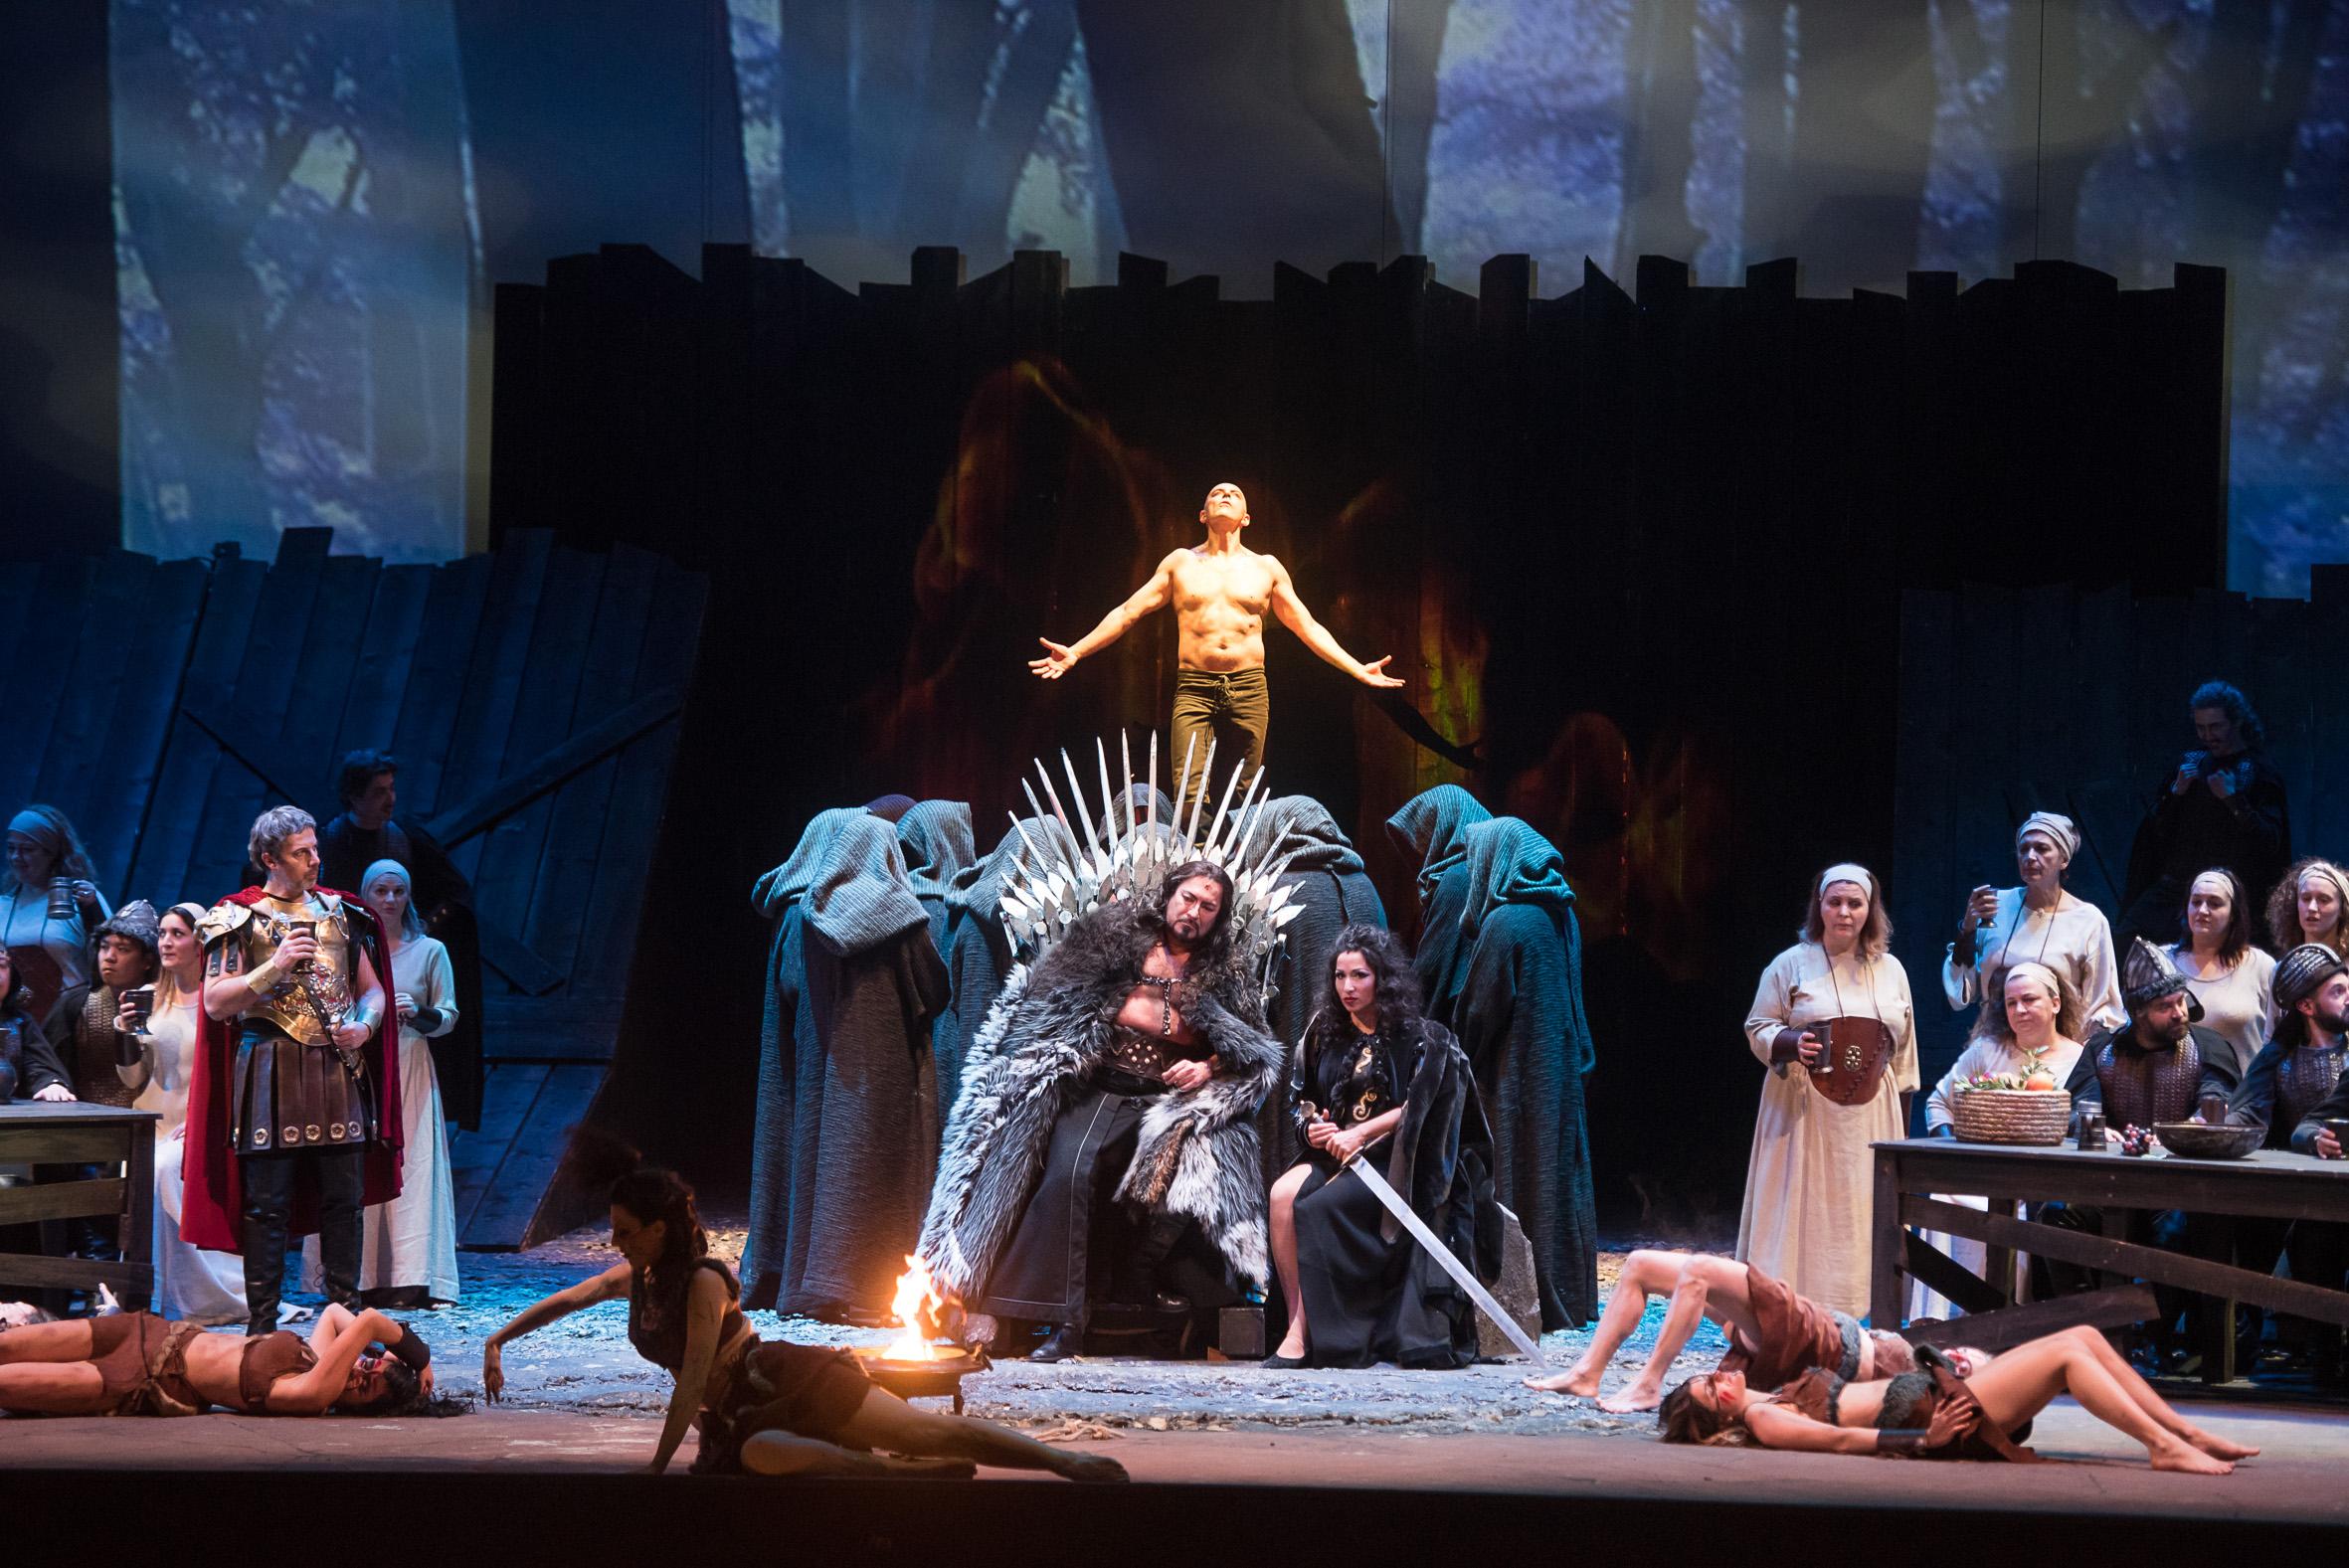 Attila di Verdi di scena a Modena. Rolando Paolo Guerzoni